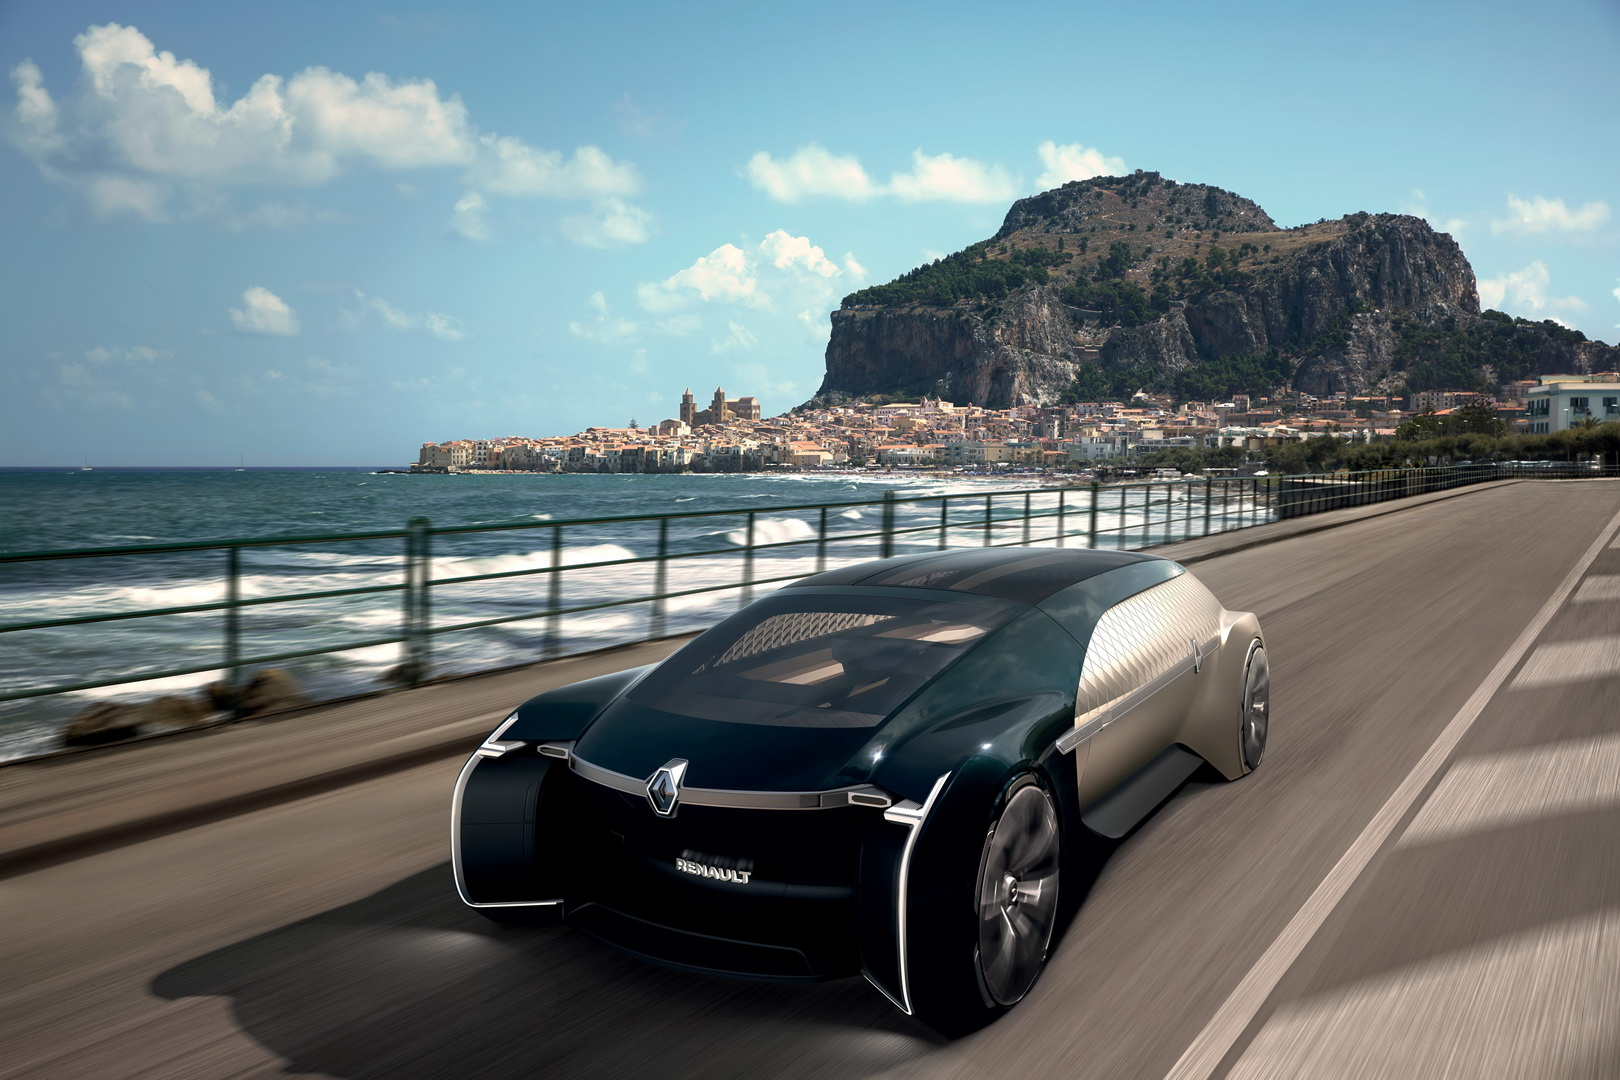 Автономный электрический робомобиль премиум-класса Renault EZ-ULTIMO